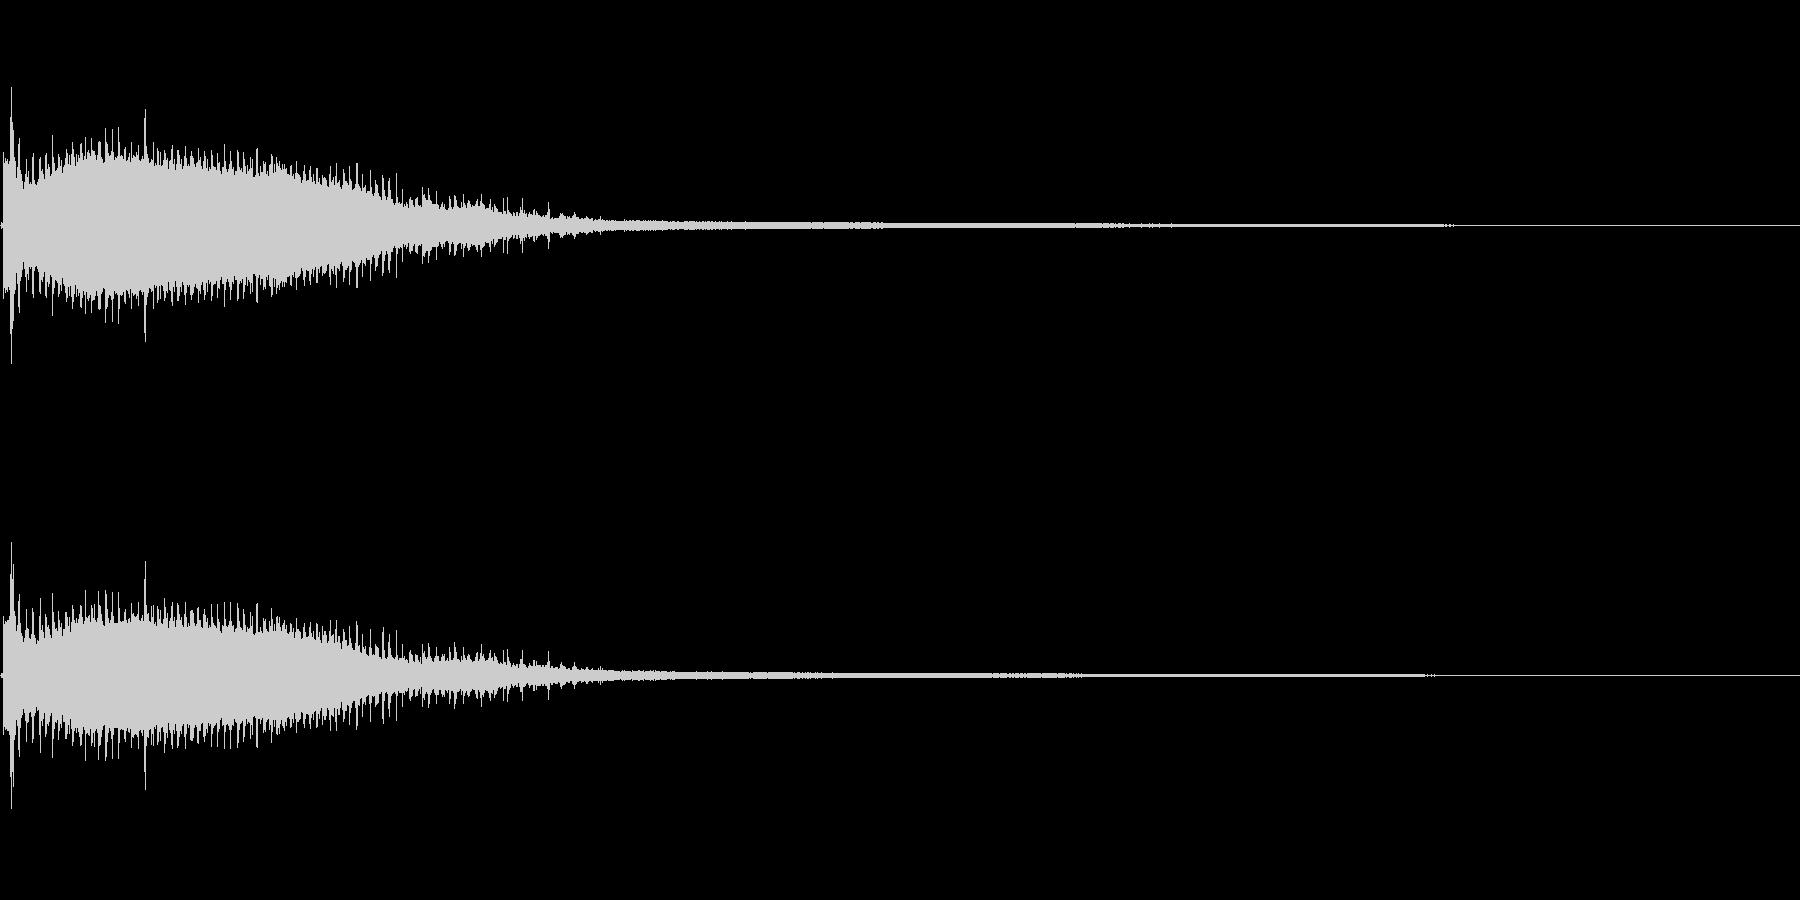 気の抜けたパーカッションのフレーズ 1Bの未再生の波形